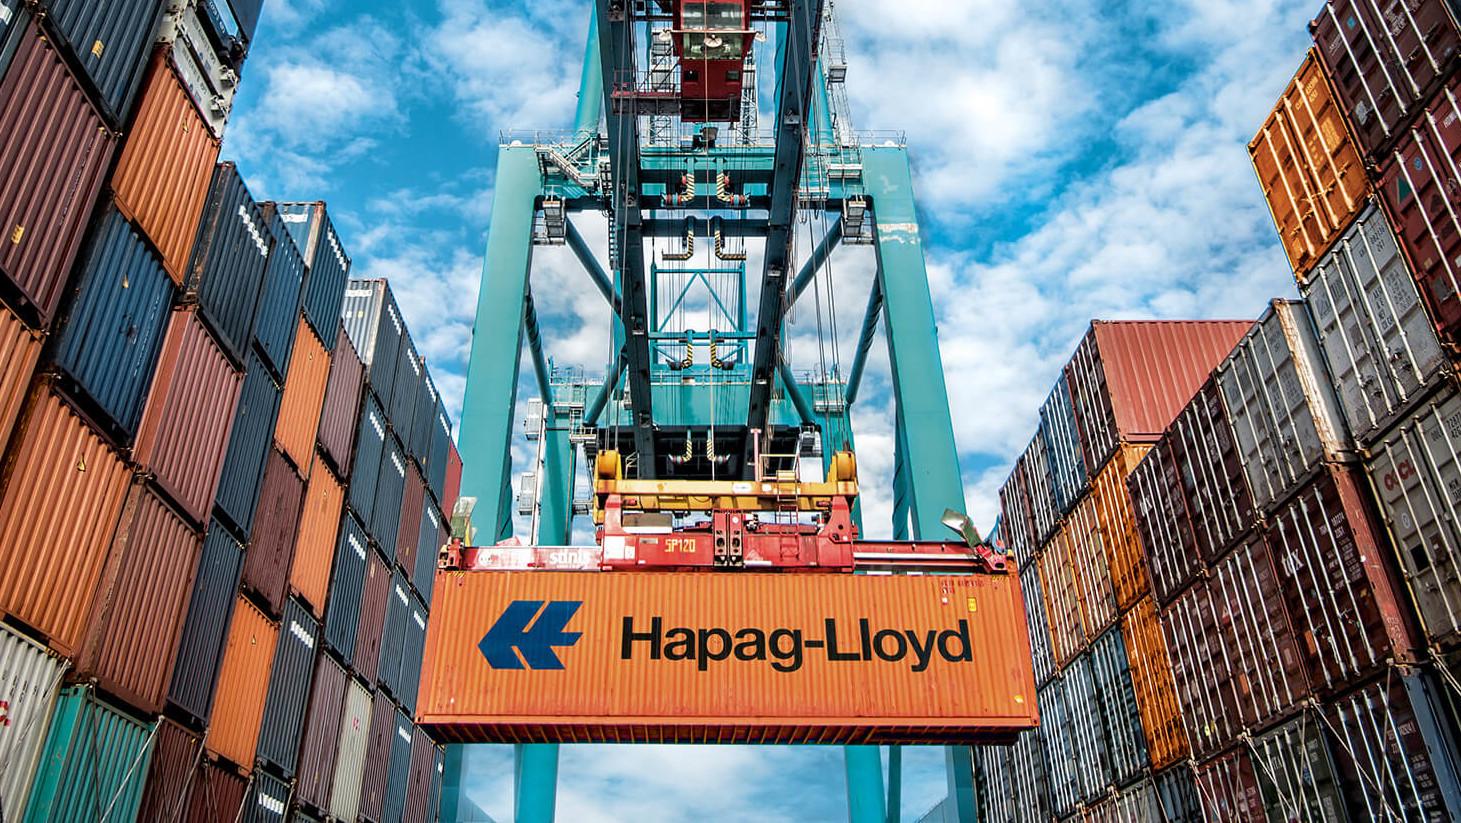 Hapag-Lloyd прекращает ряд скандинавских и балтийских сервисов и предлагает альтернативные в сотрудничестве с Unifeeder 1